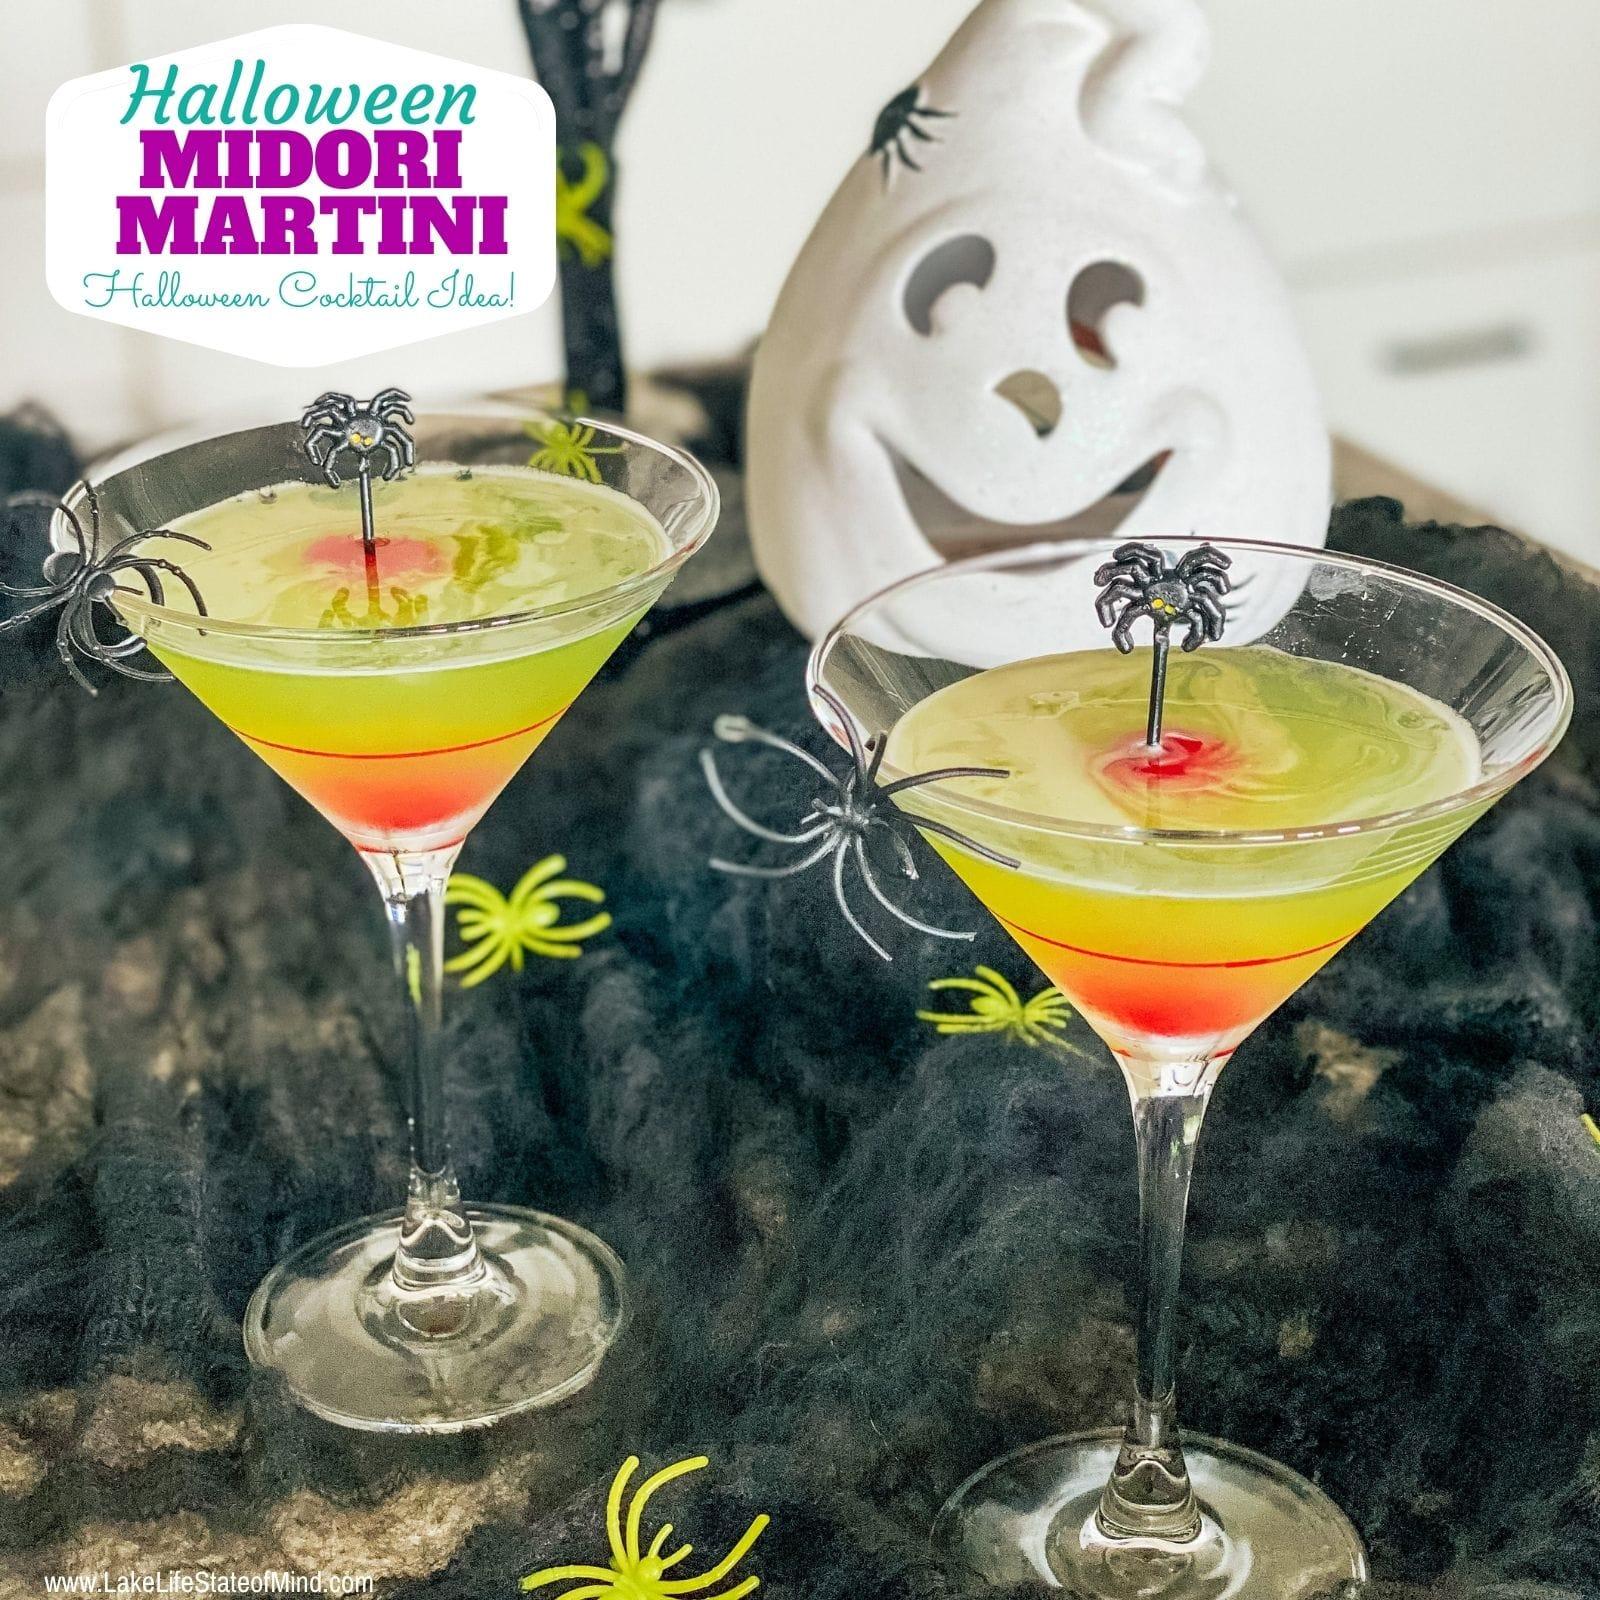 Halloween Midori Martini